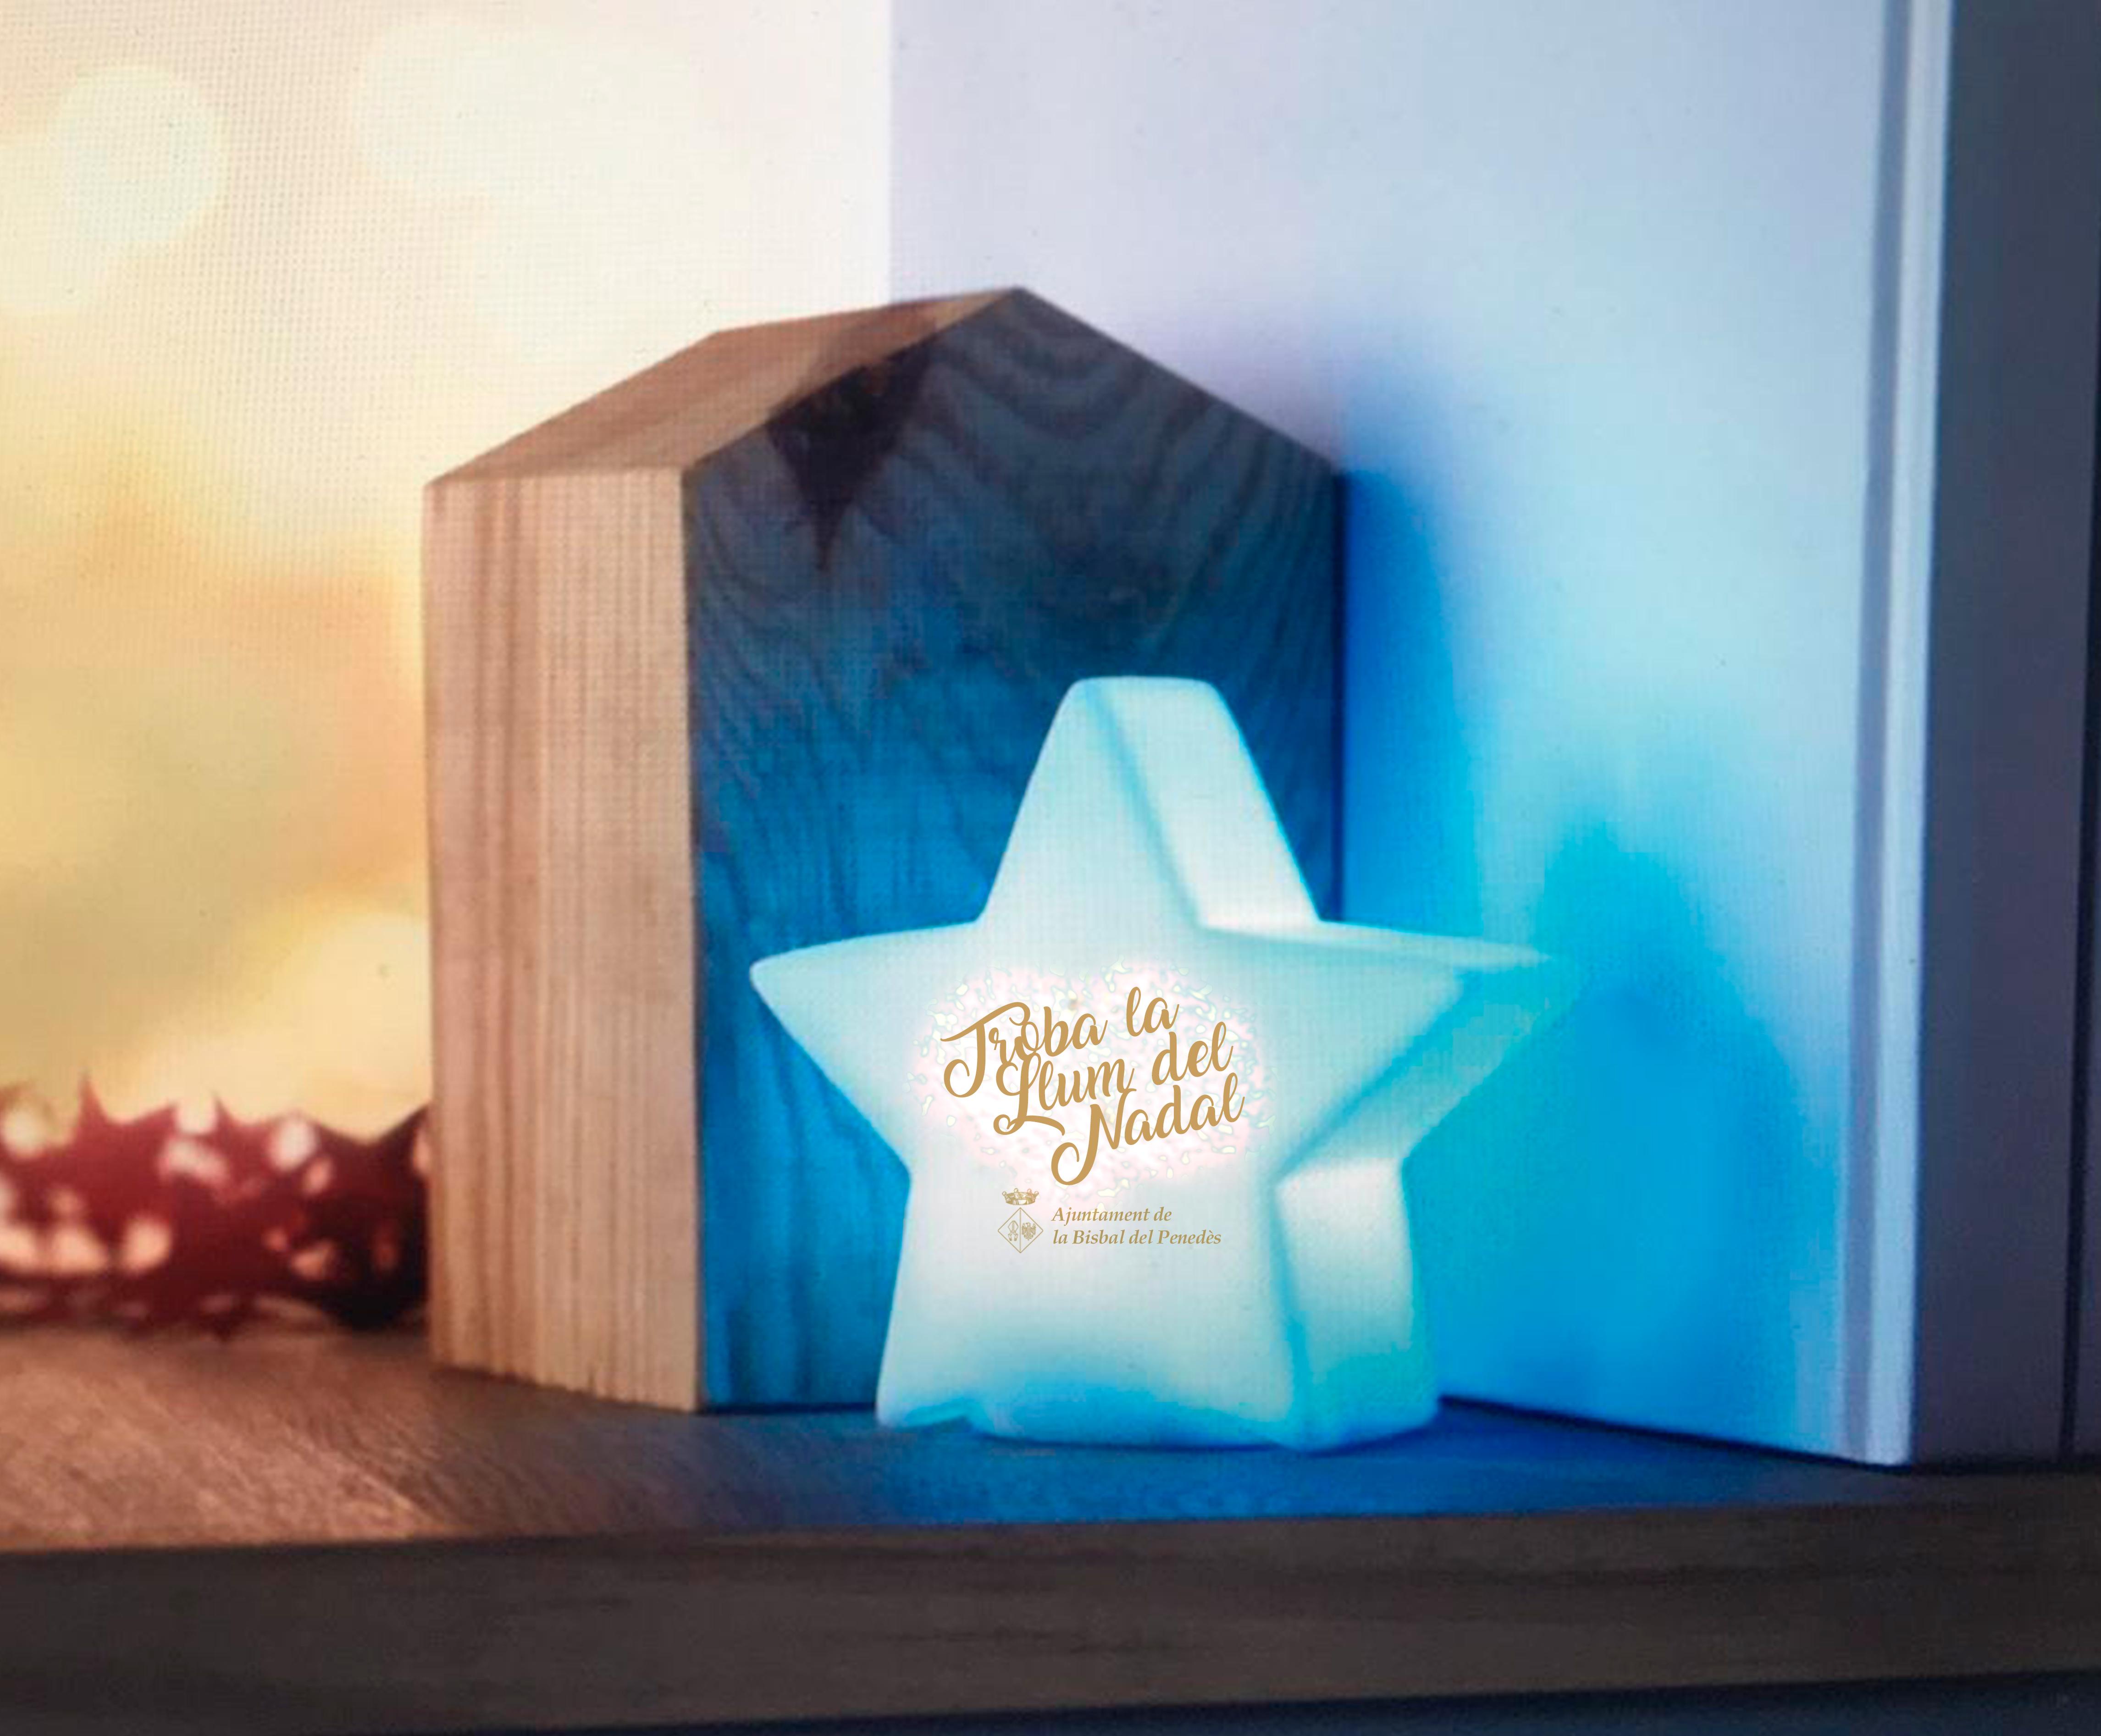 De l'11 al 19 de desembre 'Troba la Llum del Nadal' a la Bisbal